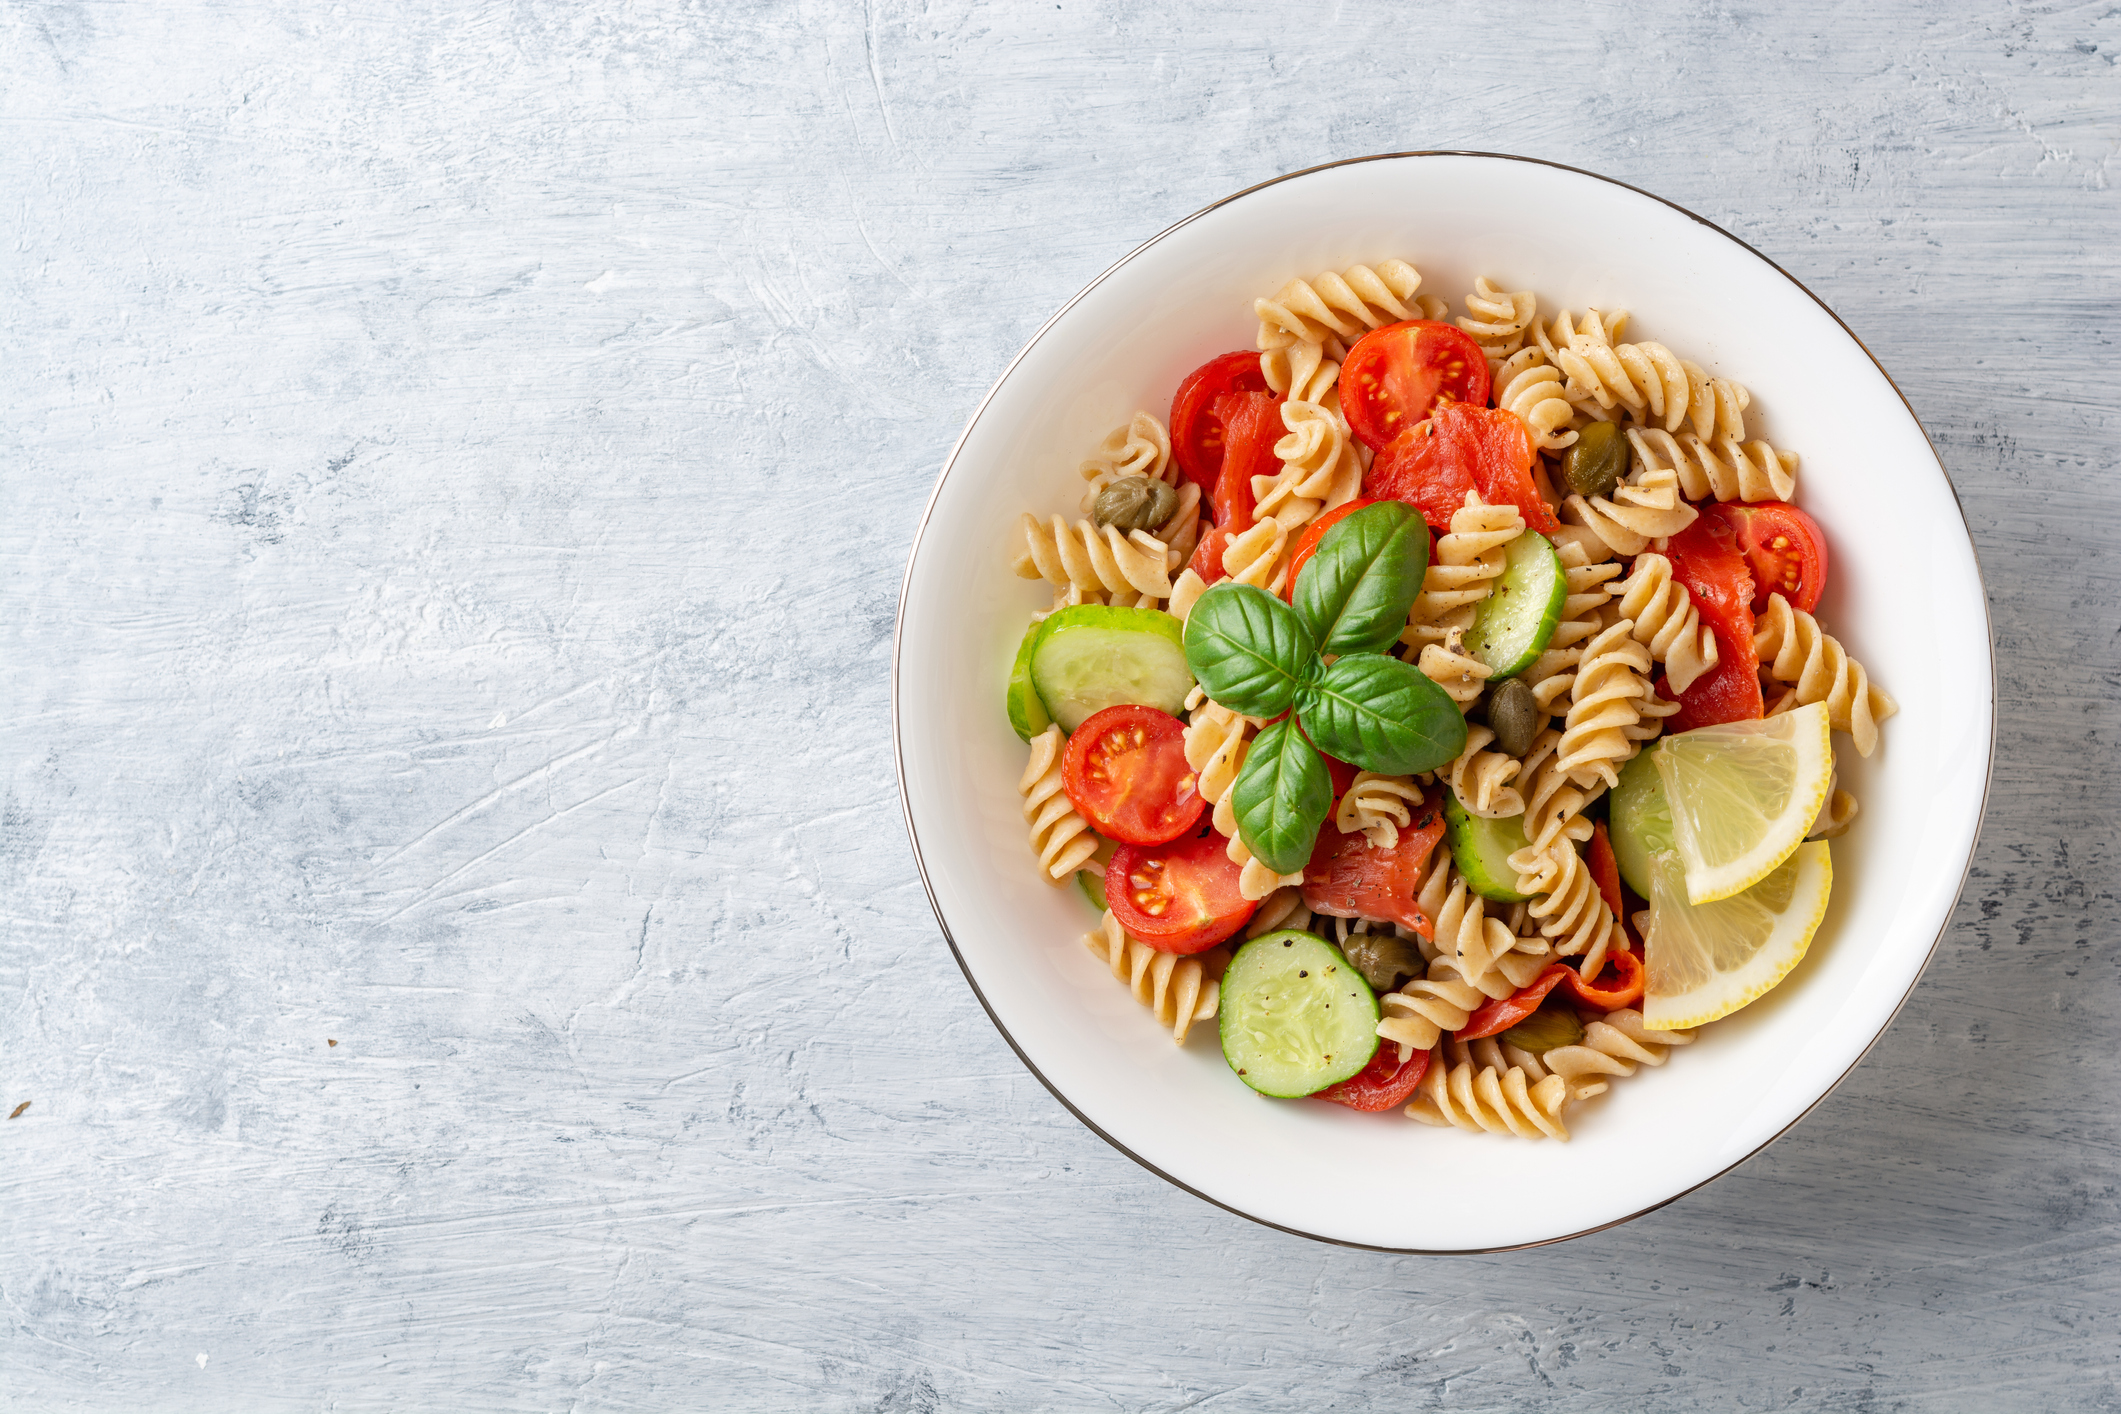 receitas de massas saudaveis salada de peixe com massa e vegetais